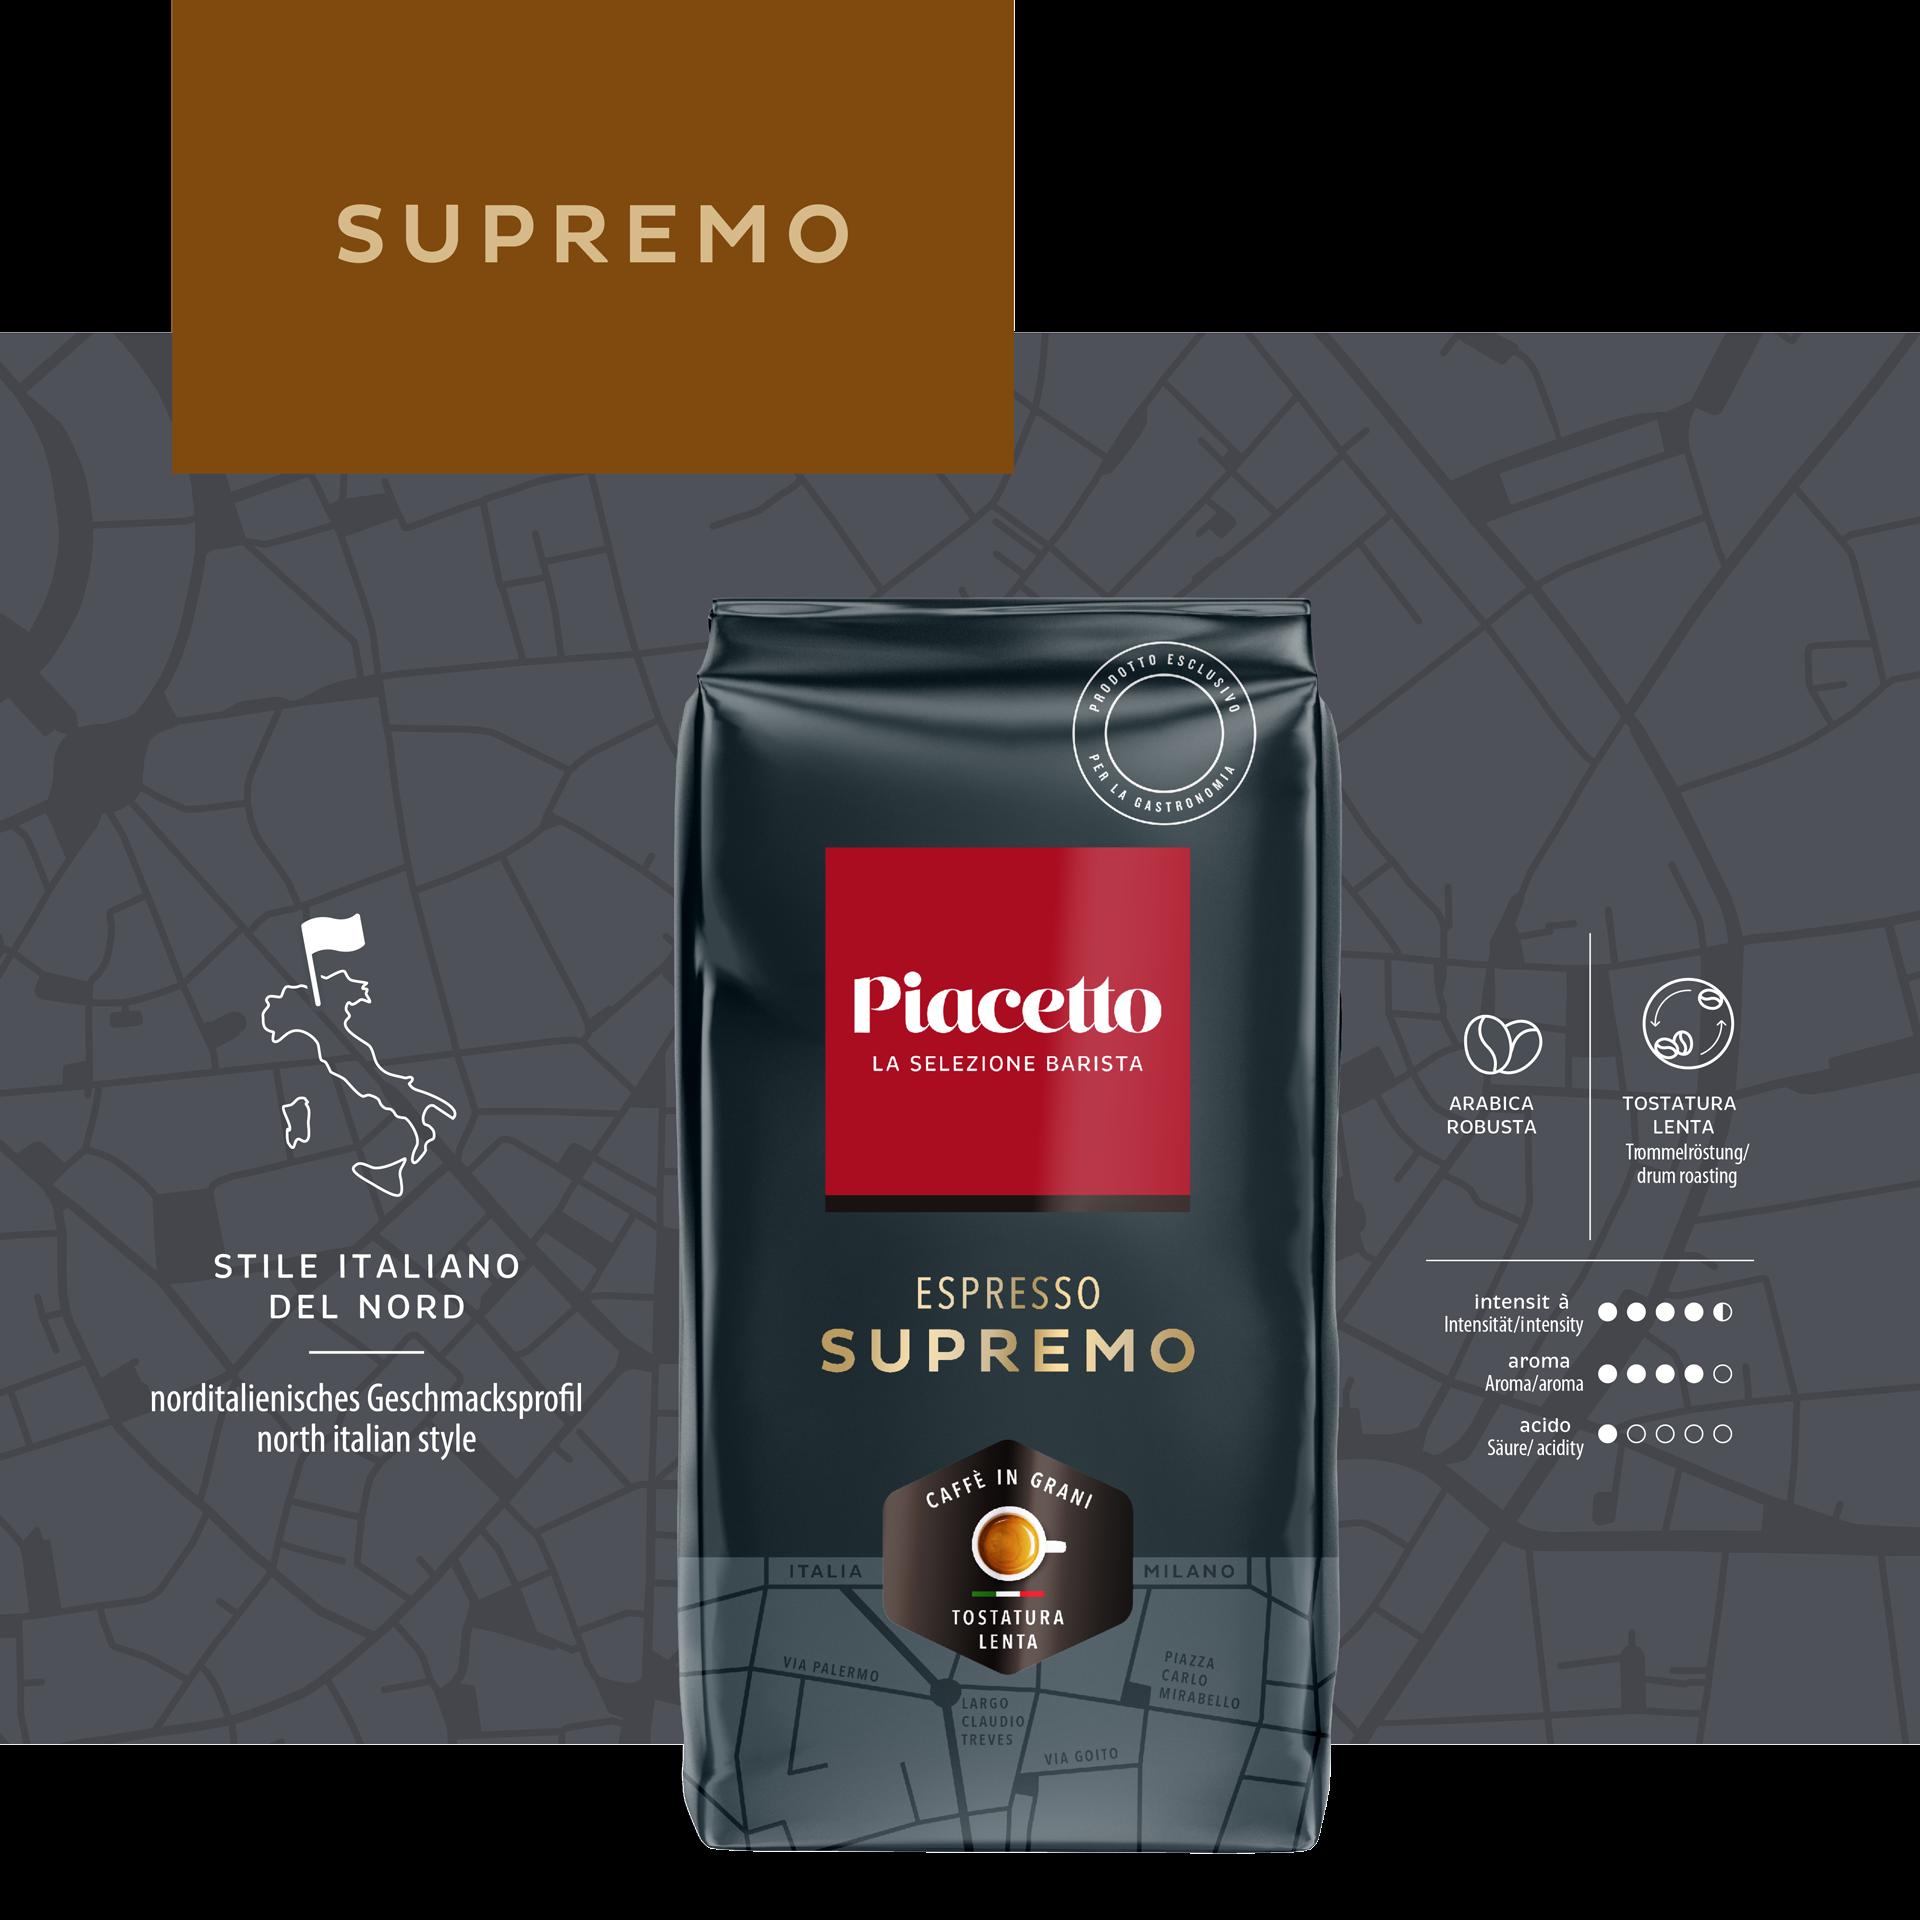 Übersicht der Produktlinie Piacetto Supremo